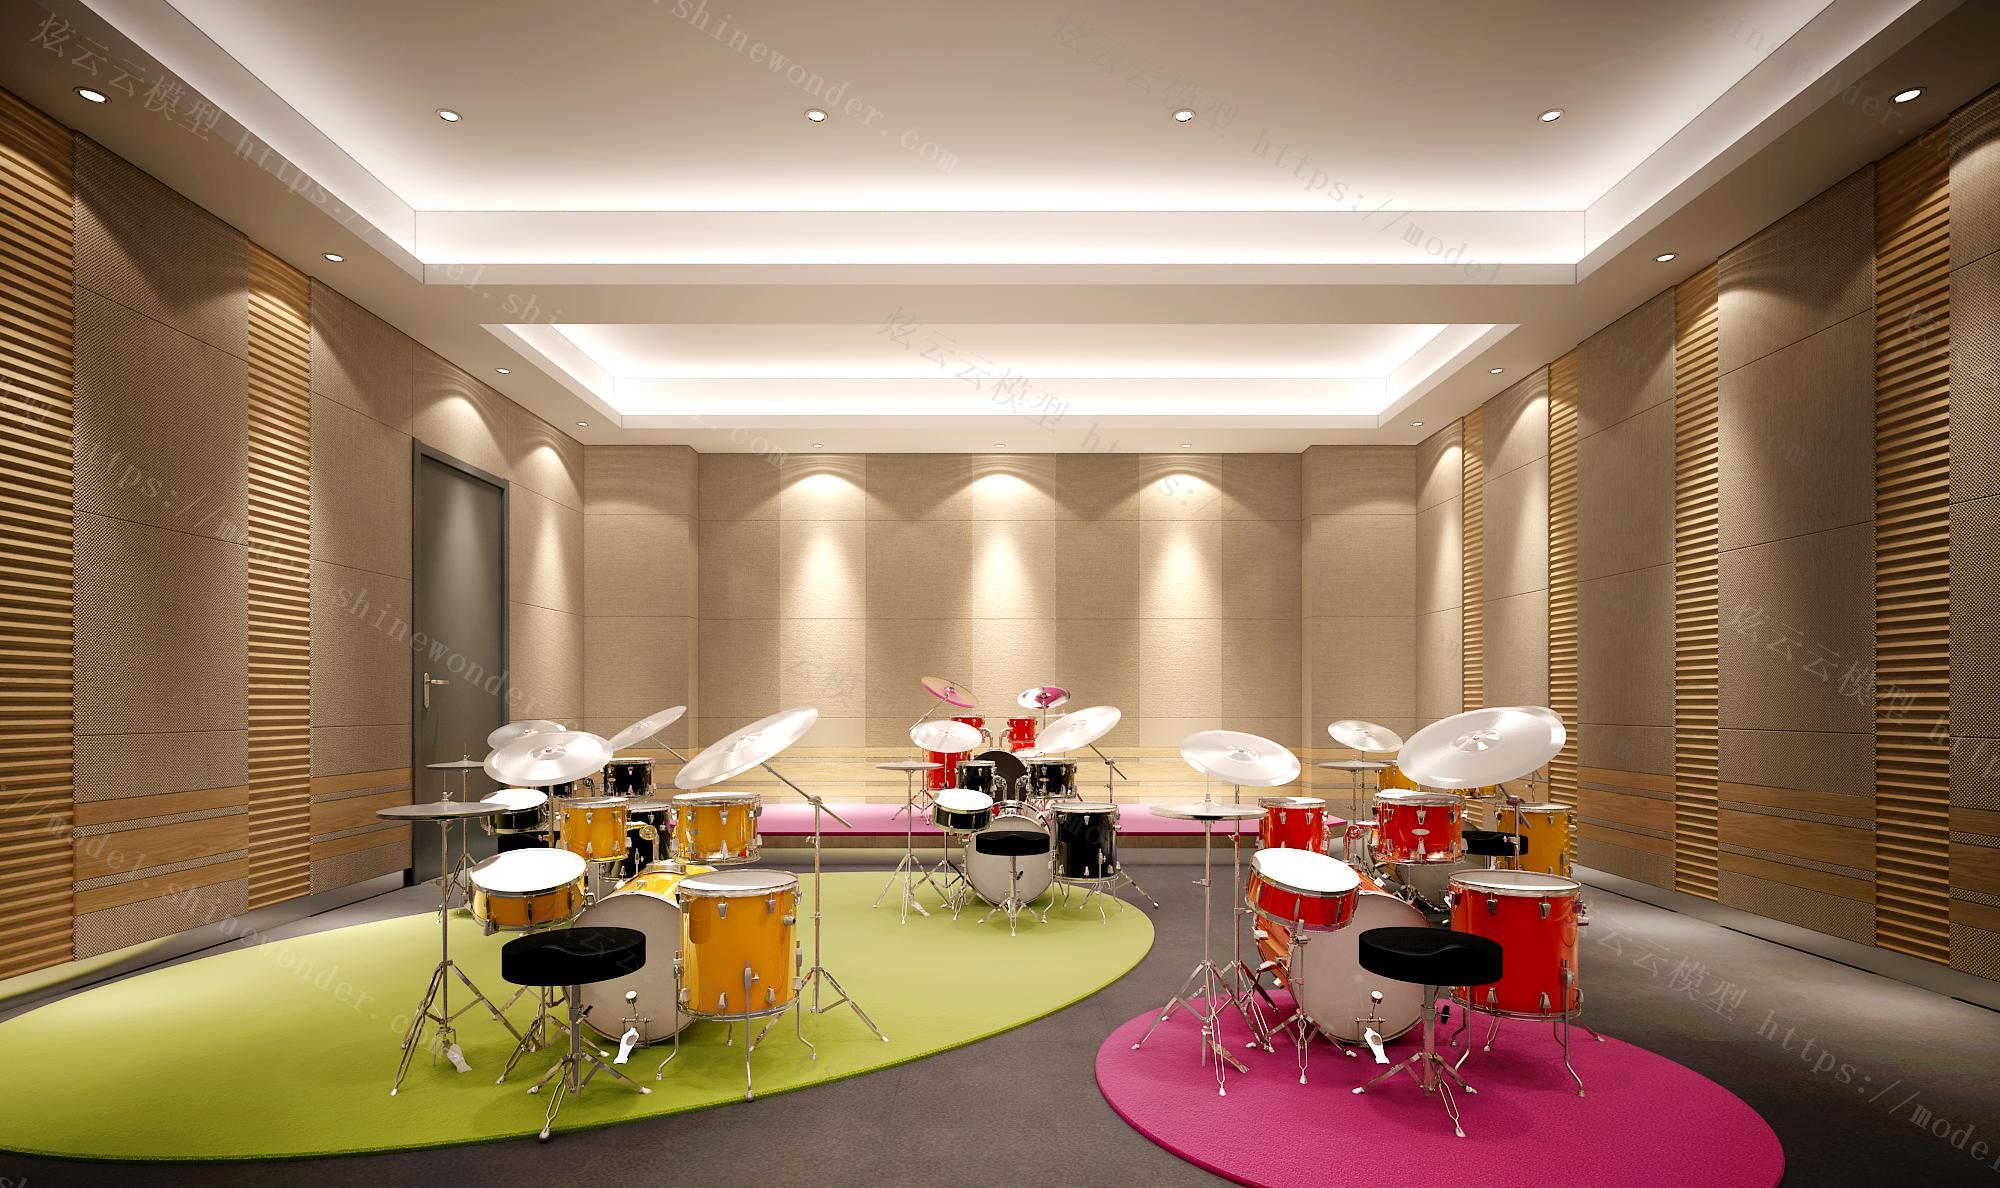 音乐培训室模型